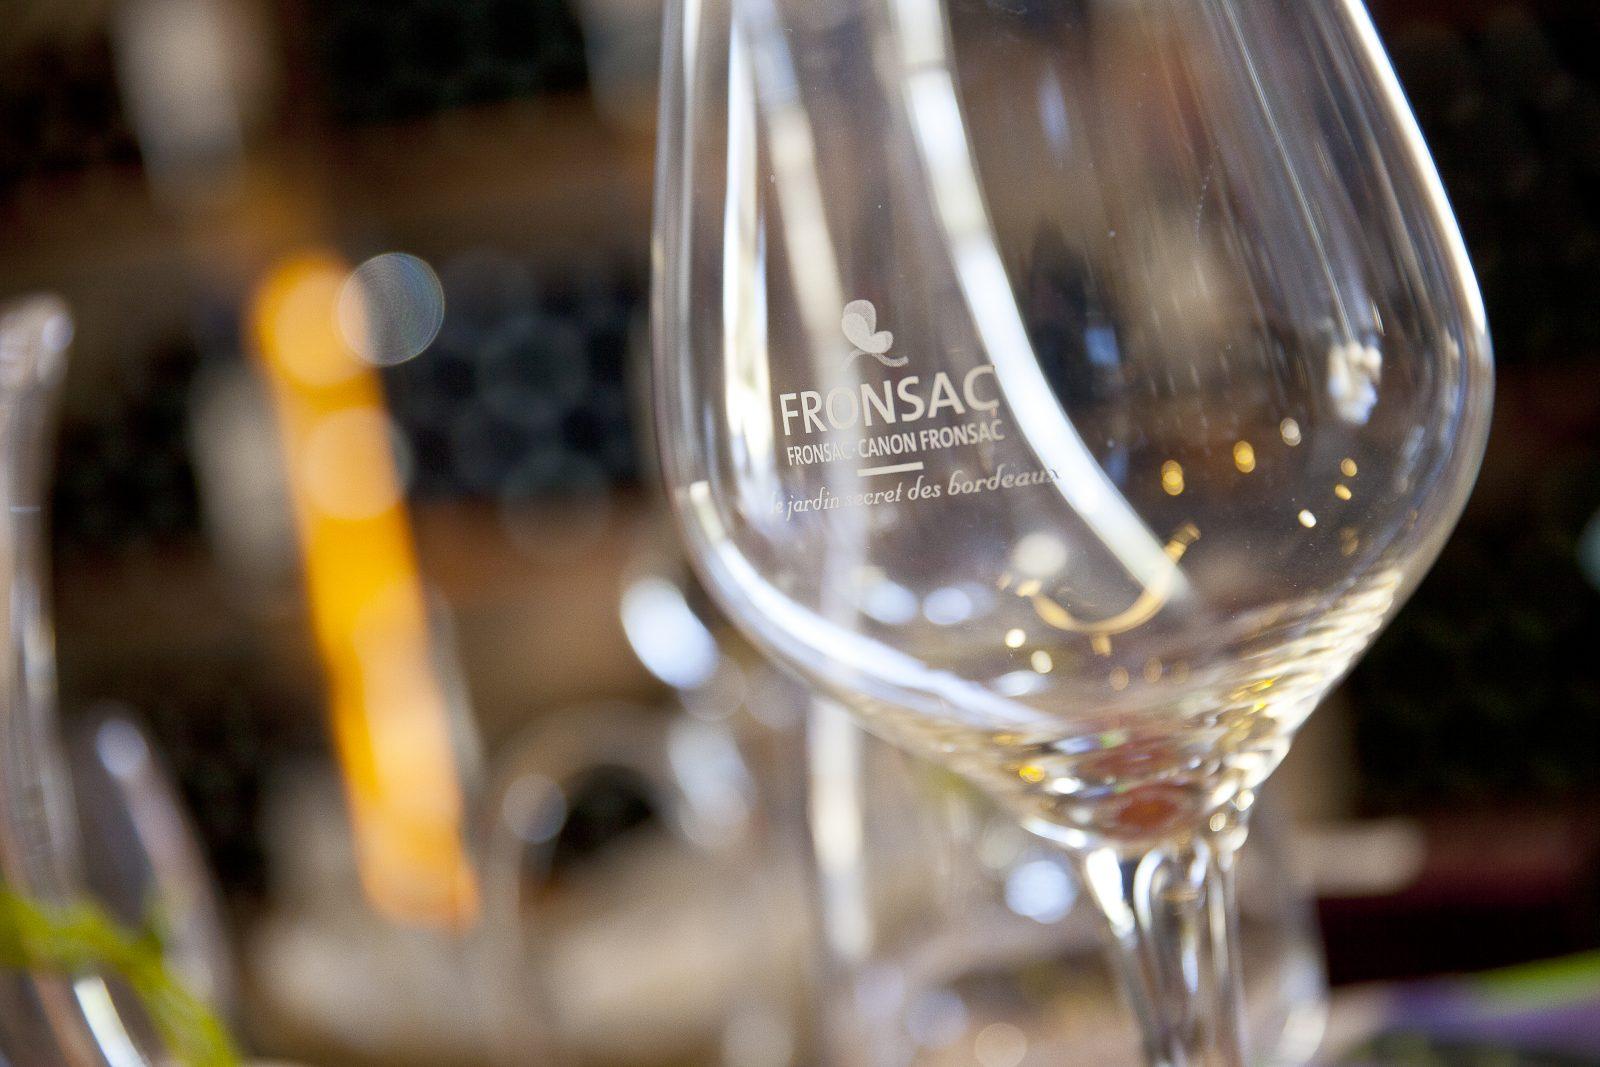 maison des vins fronsac – verre AOC Fronsac